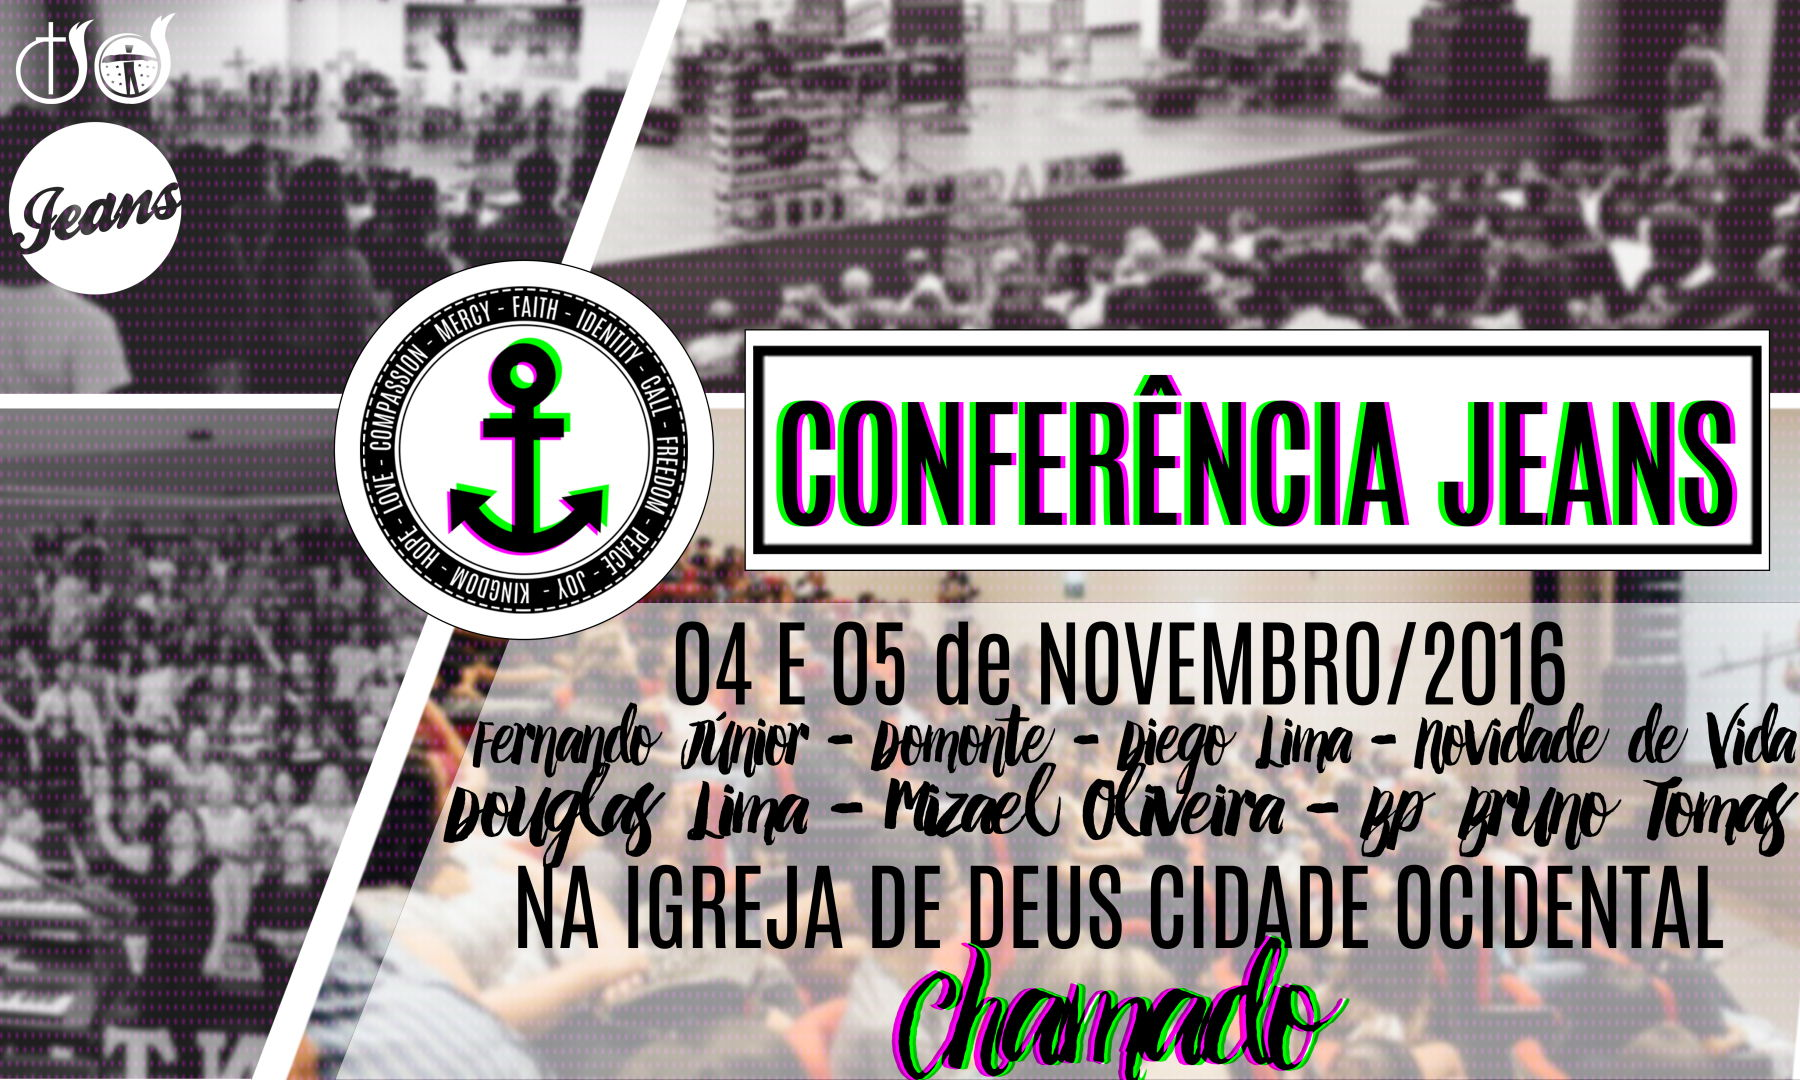 flyer-conferencia1.jpg